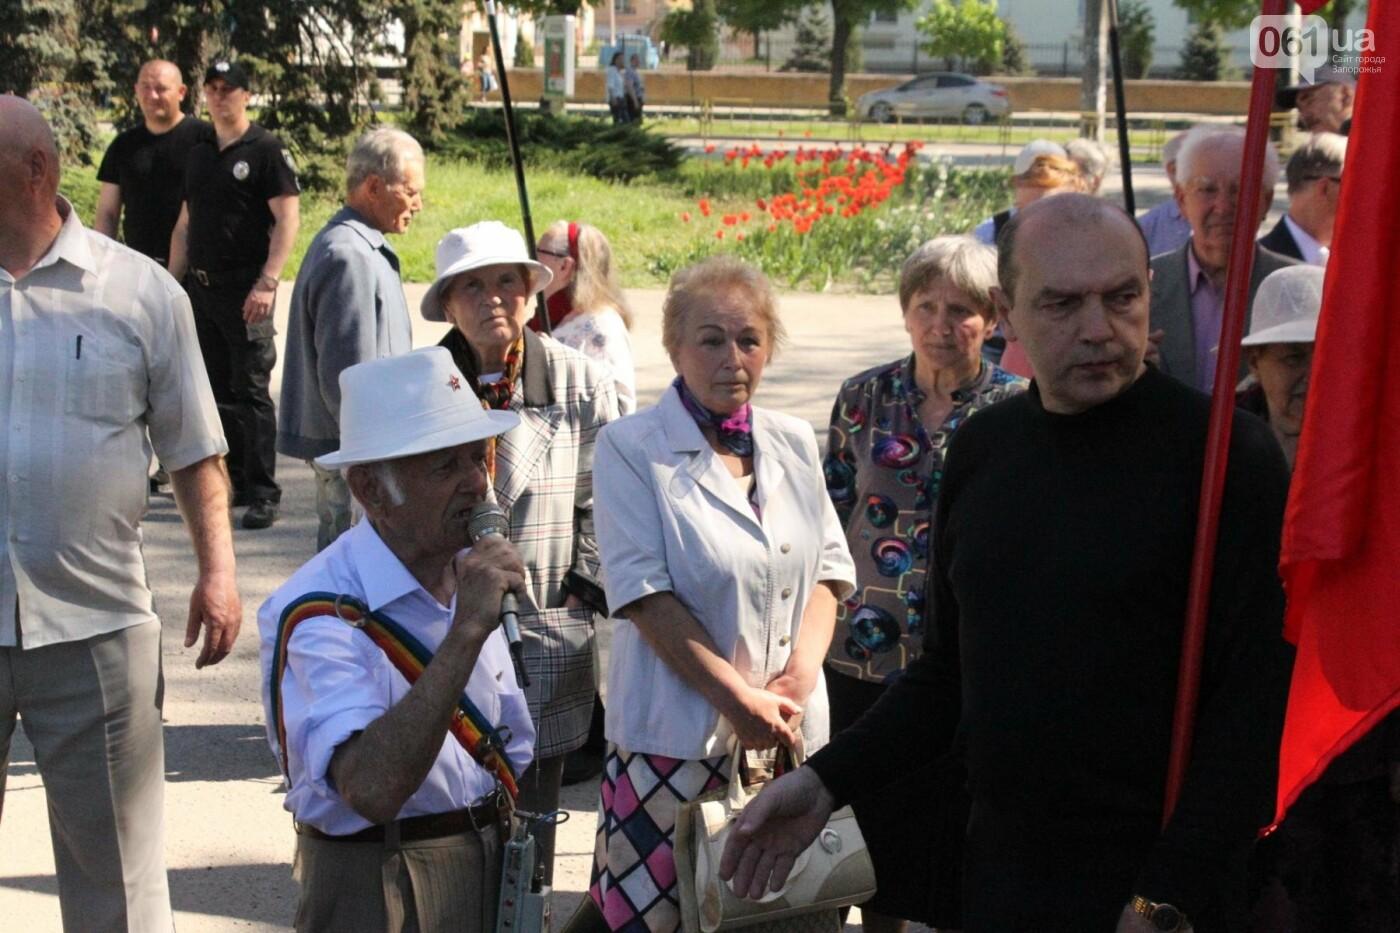 Запорожские коммунисты с красными флагами провели митинг к 1 мая: к «вечному огню» на Свободы пришли полсотни людей, – ФОТОРЕПОРТАЖ, фото-18